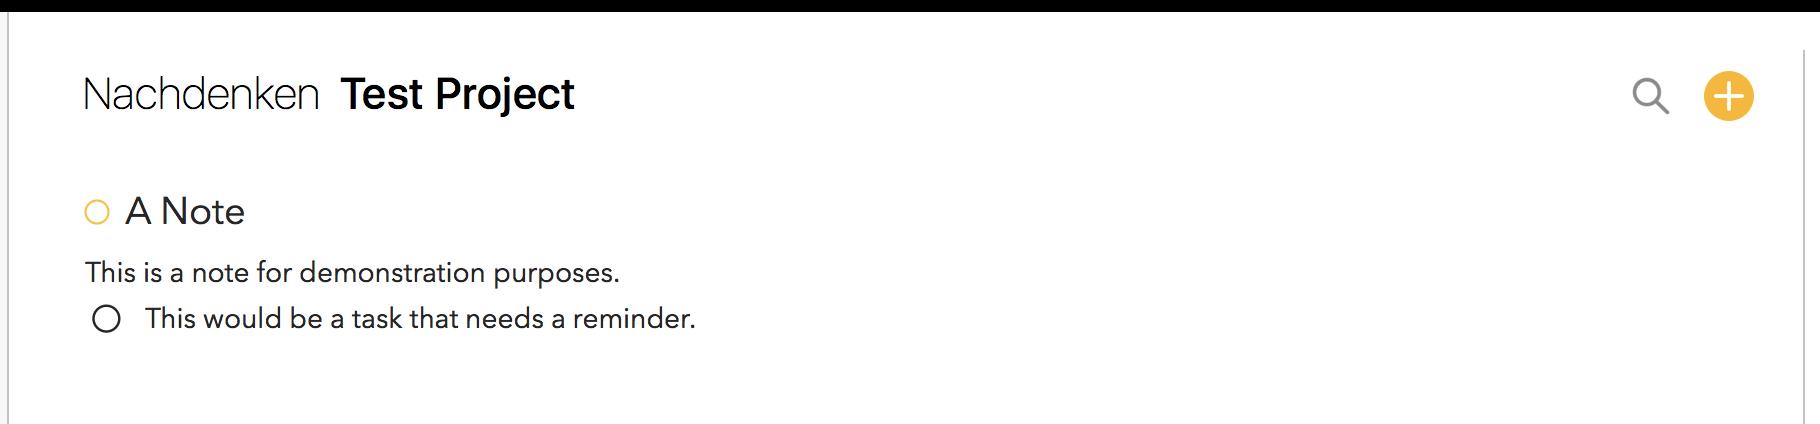 Bildschirmfoto 2020-10-08 um 18.18.05